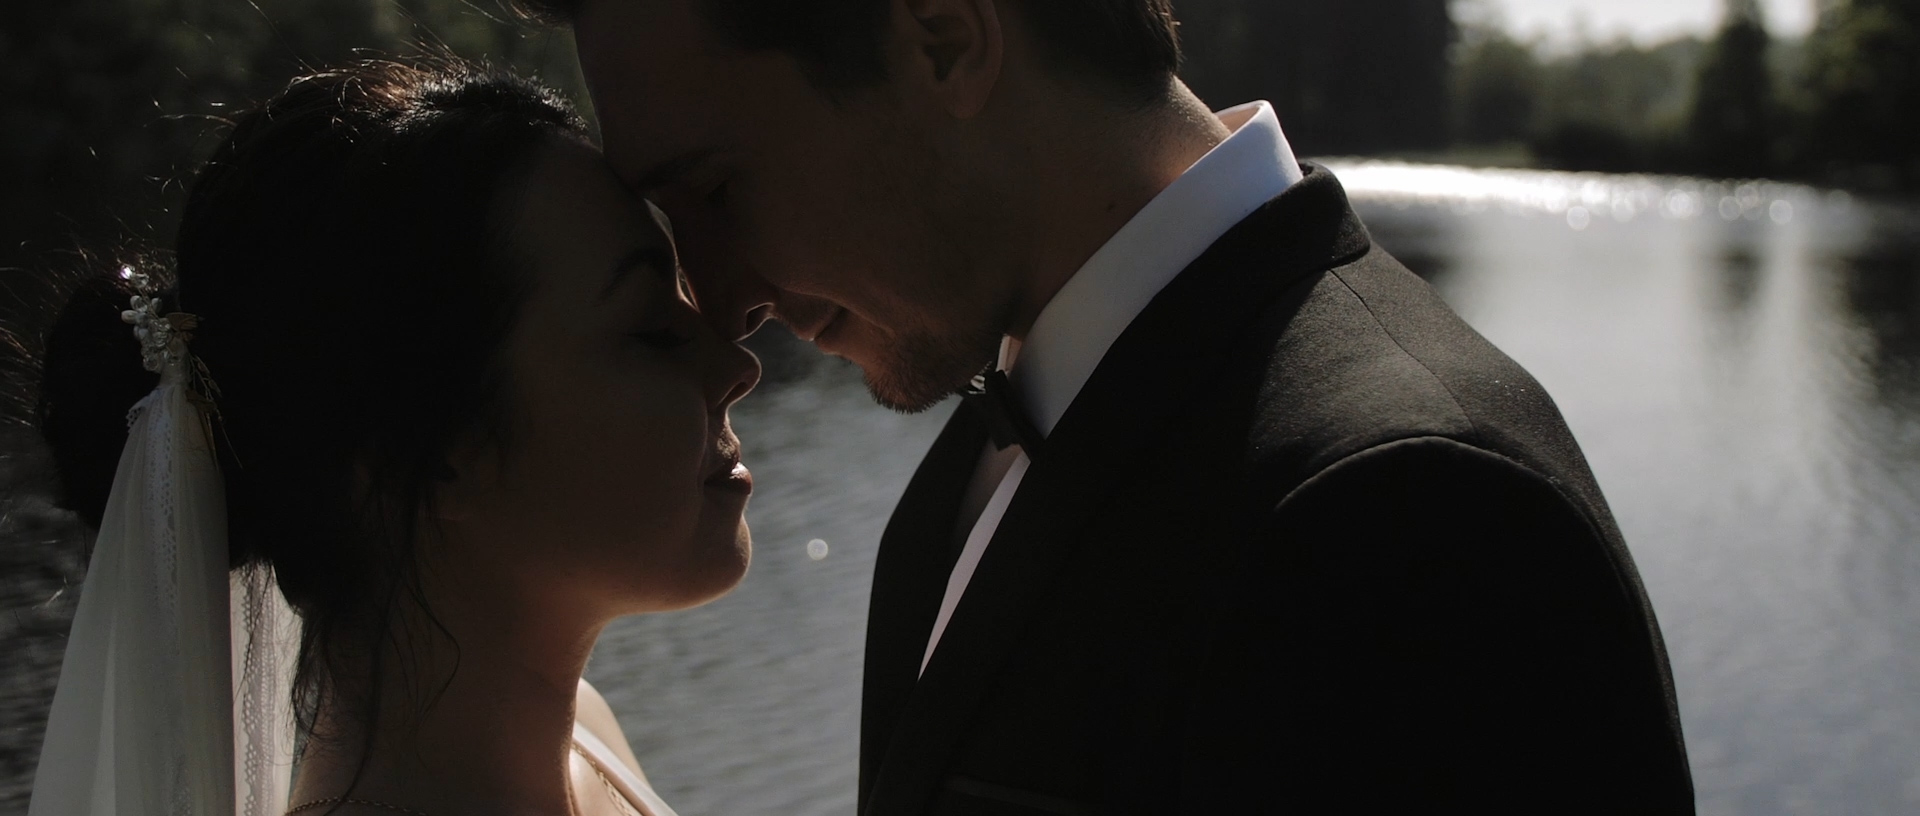 29-glasgow-wedding-videographer_LL_07.jpg